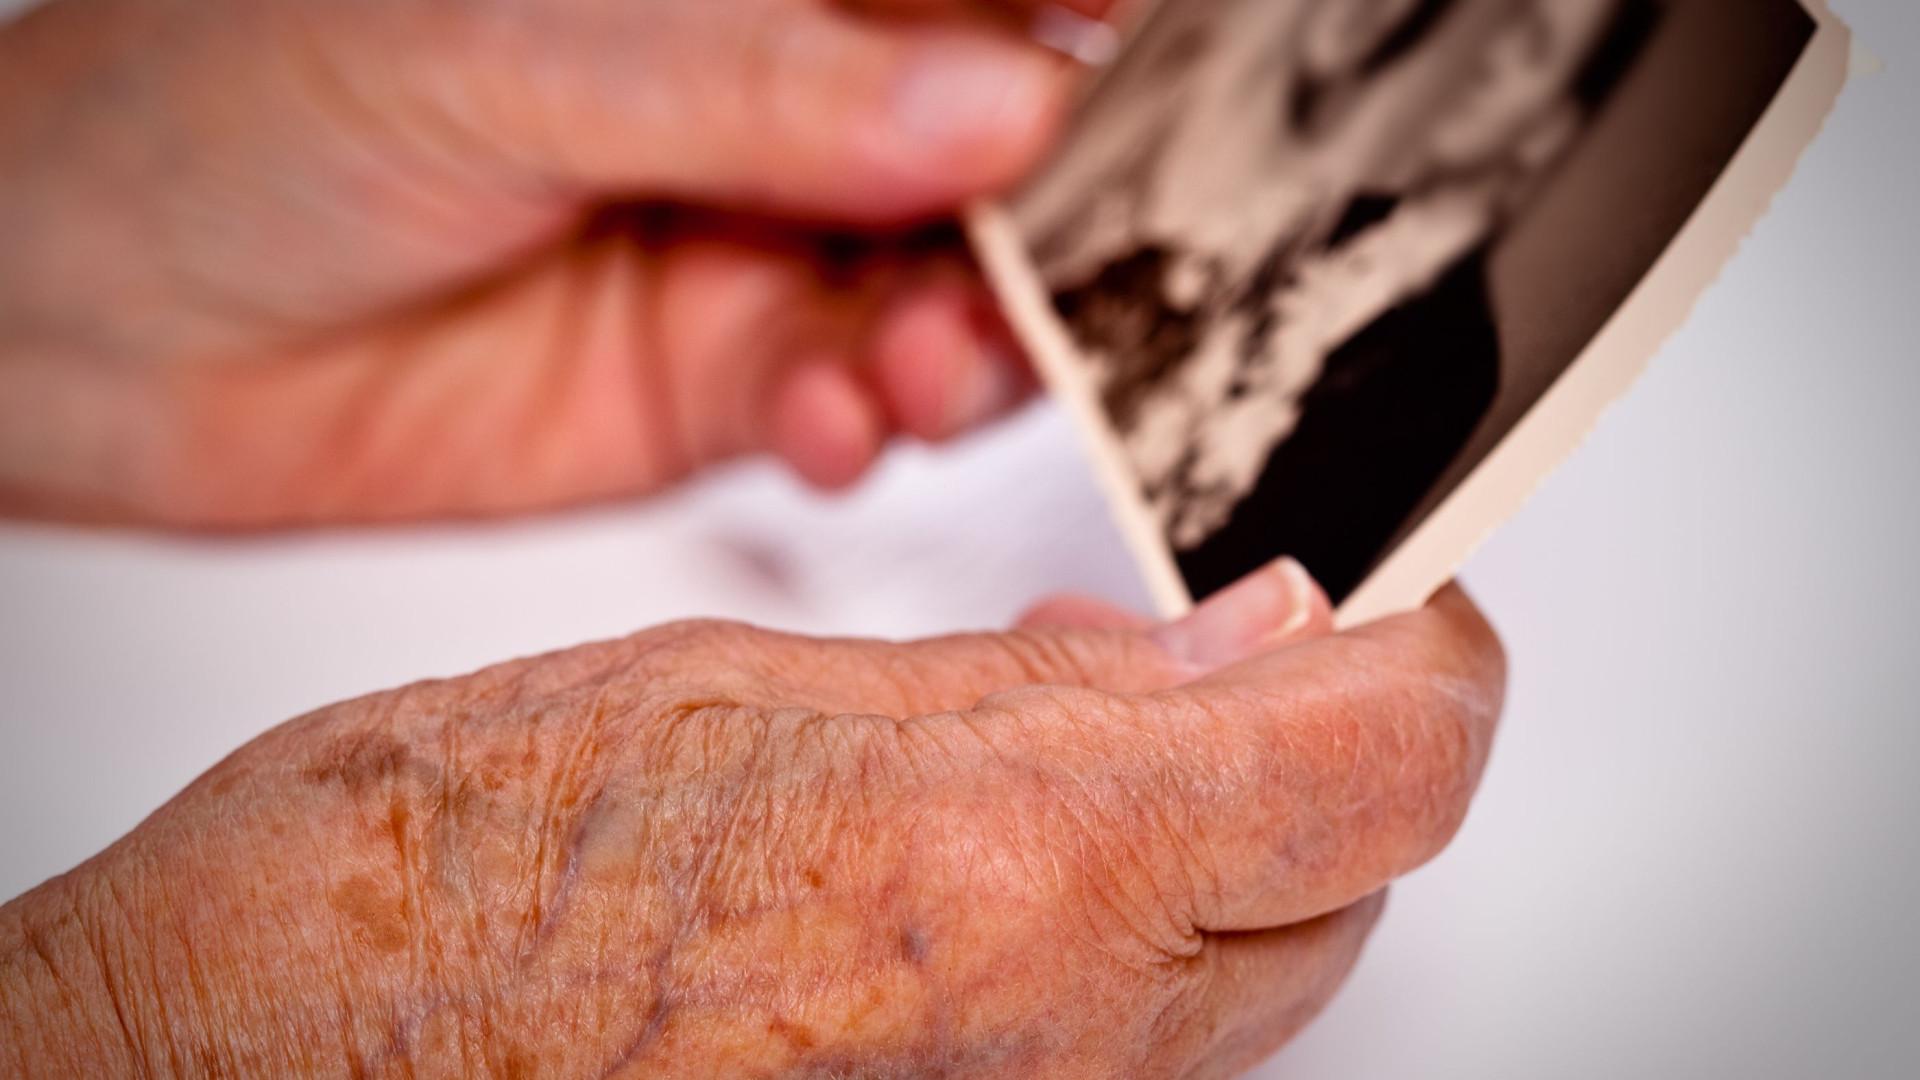 Demência: O que é, sintomas e como difere da doença de Alzheimer?